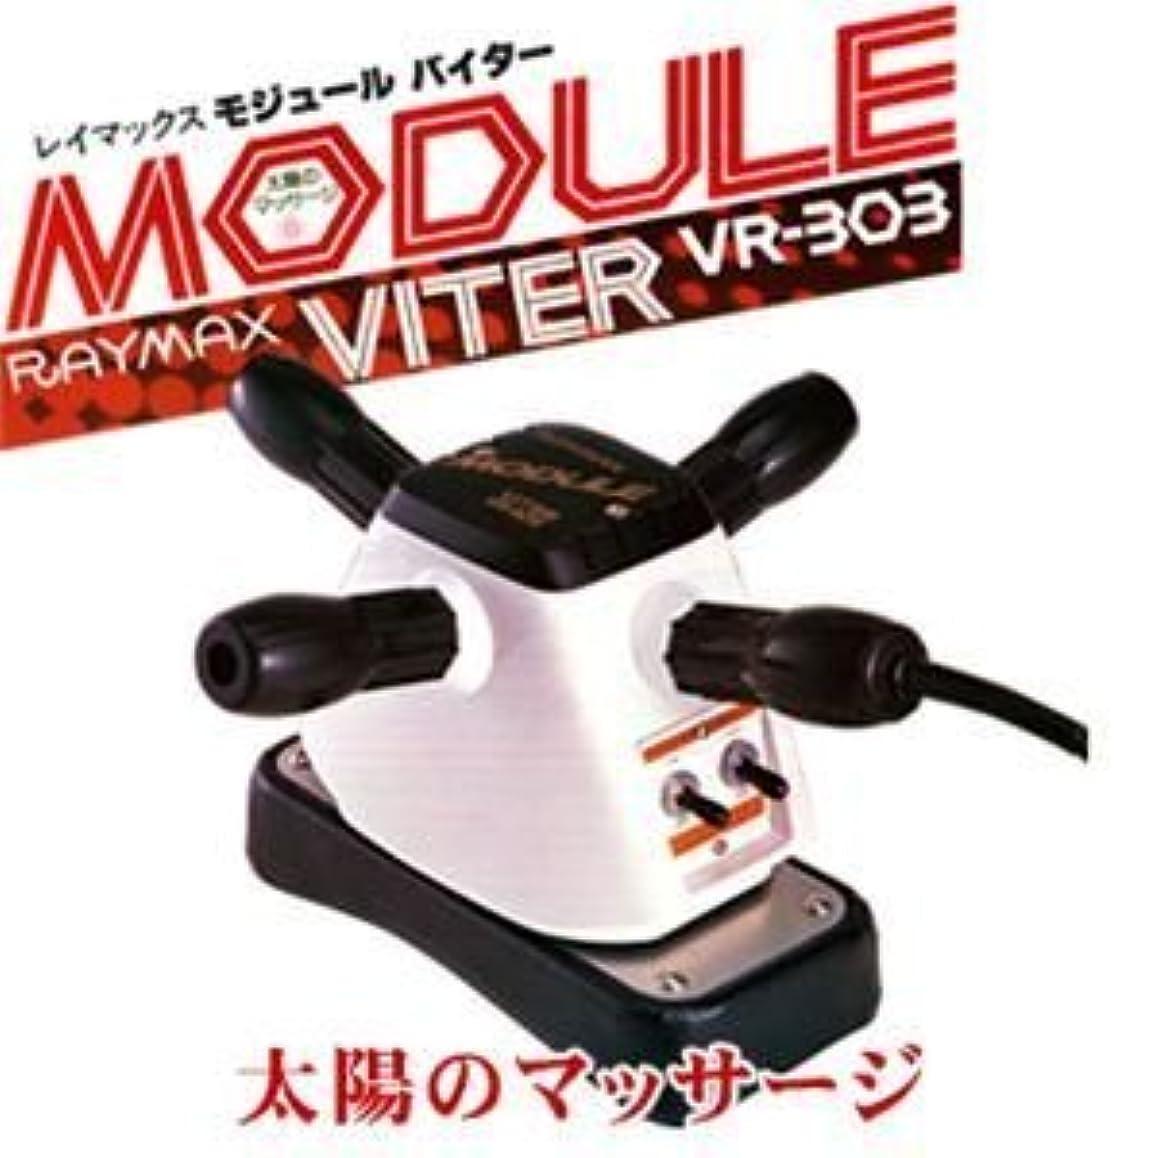 展開する量でルアーRAYMAX(レイマックス) モジュールバイター VR-303